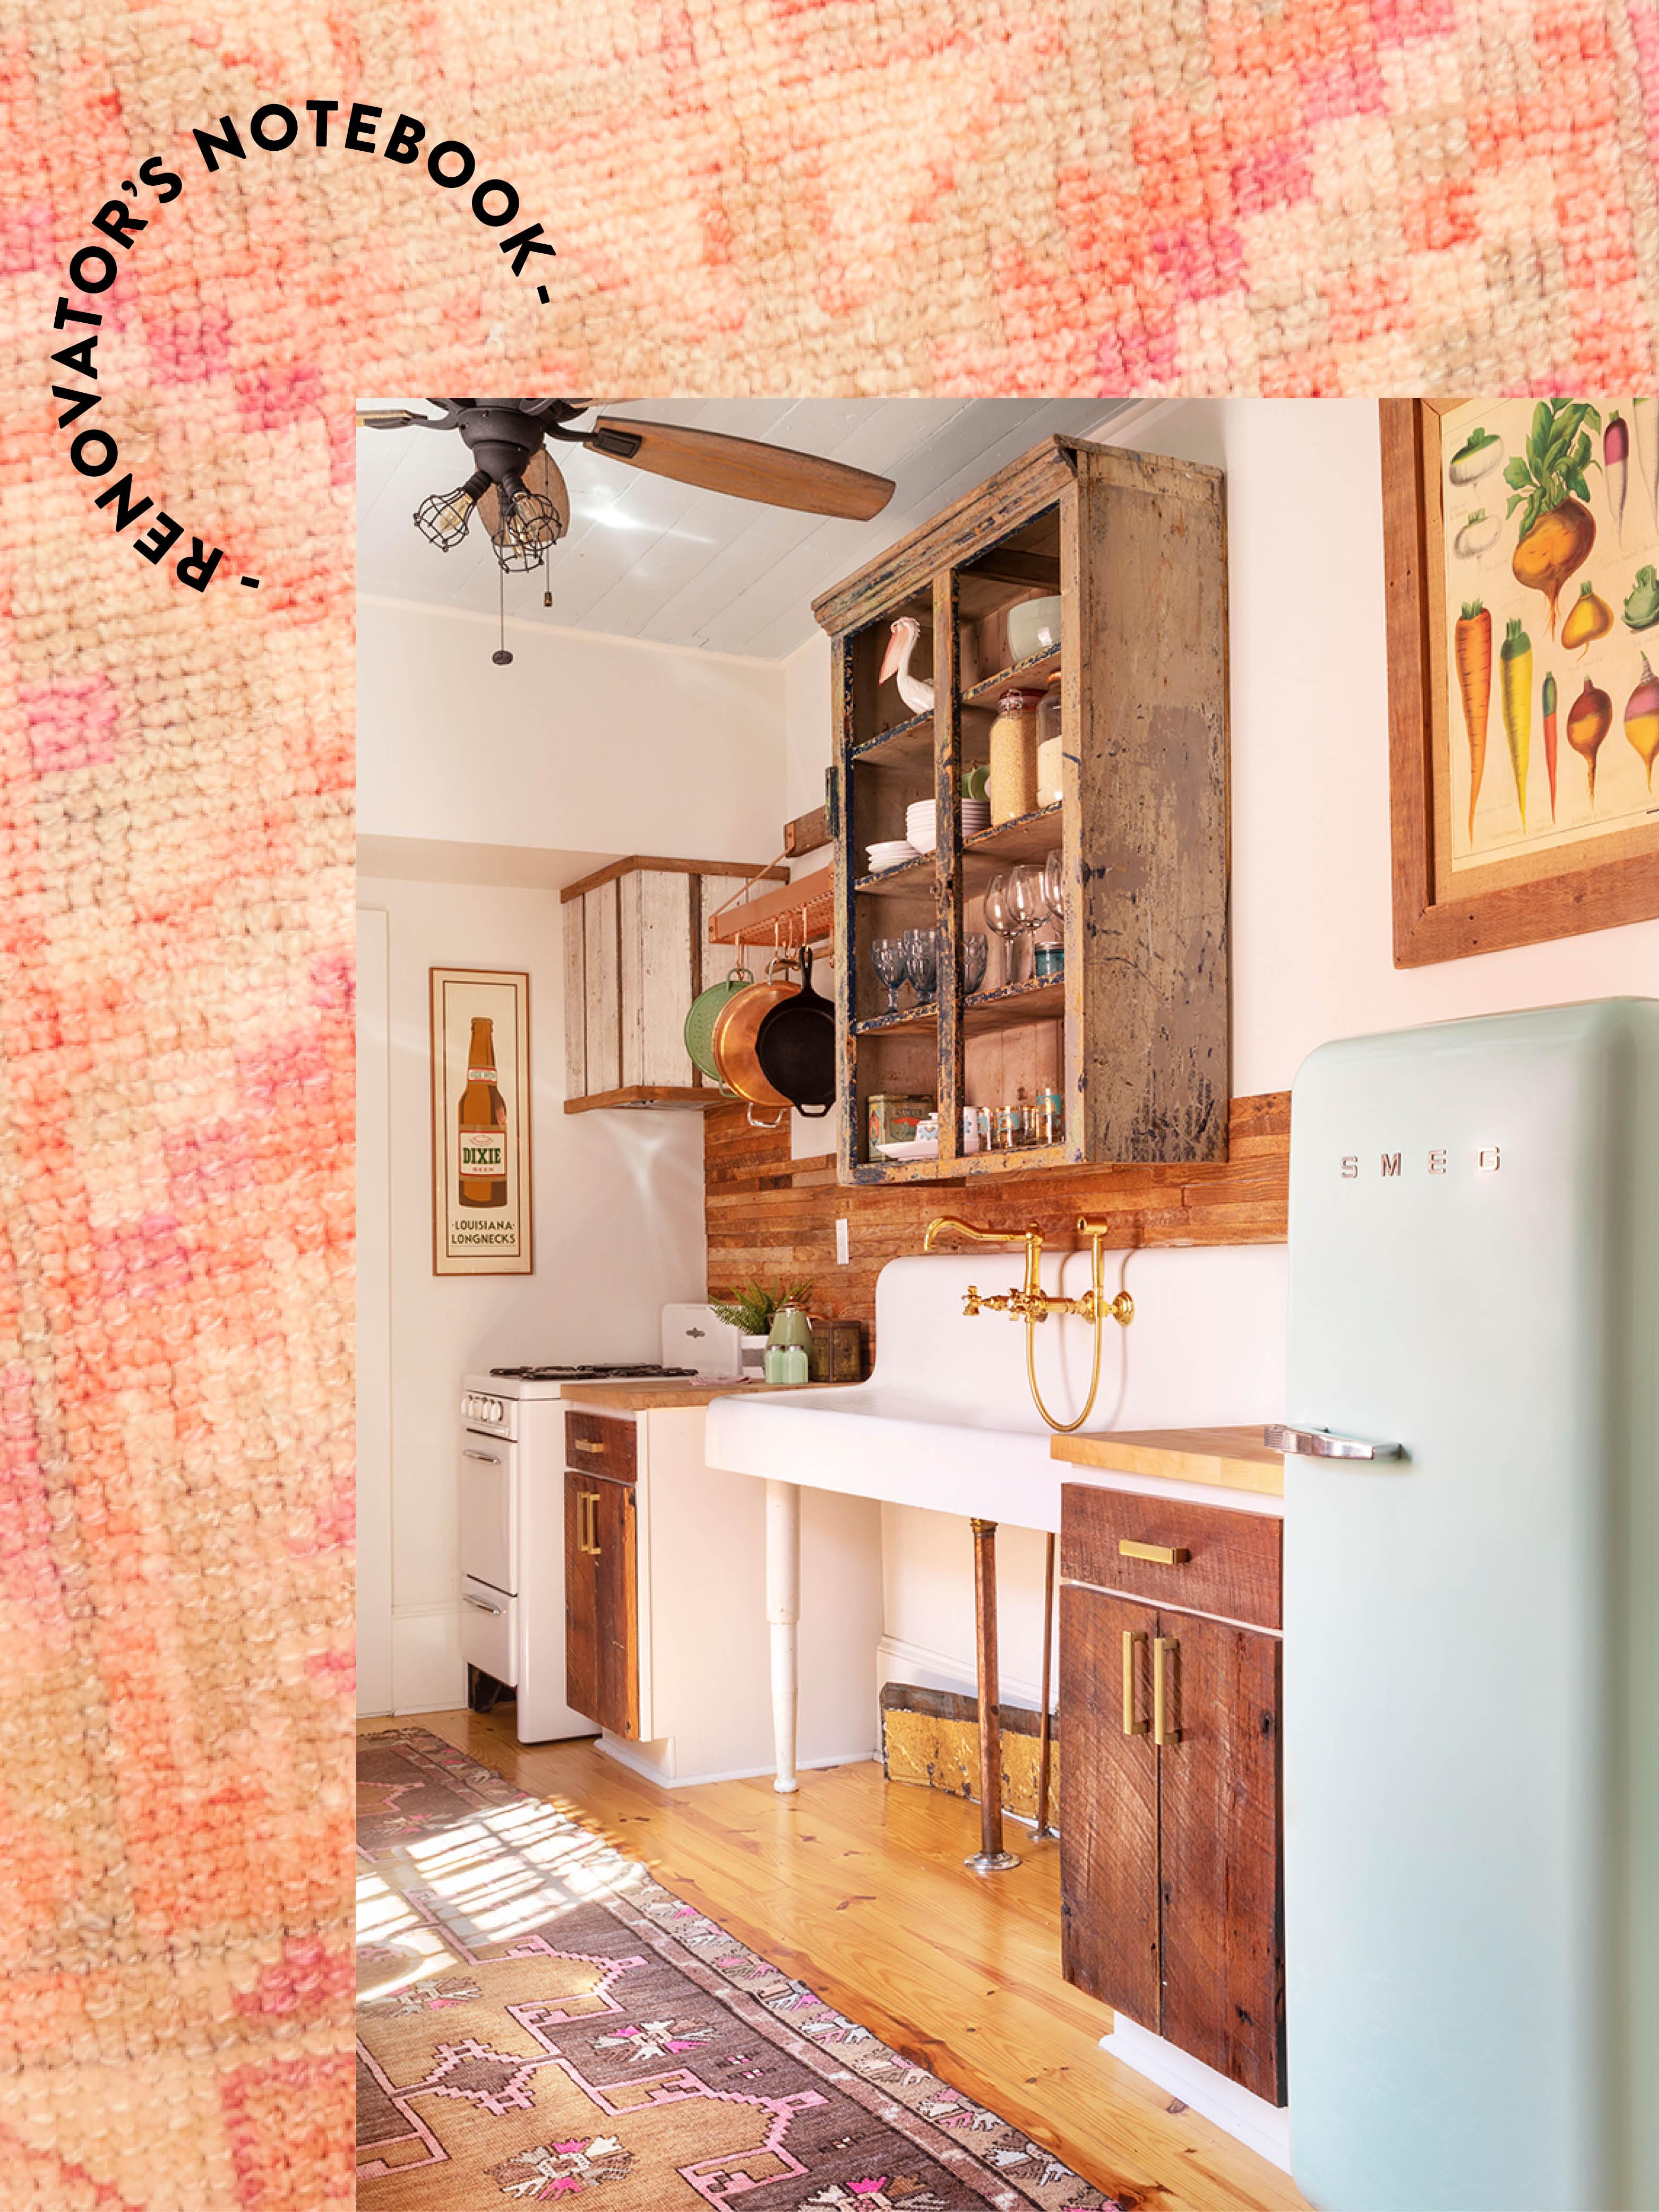 vintage kitchen with Smeg fridge